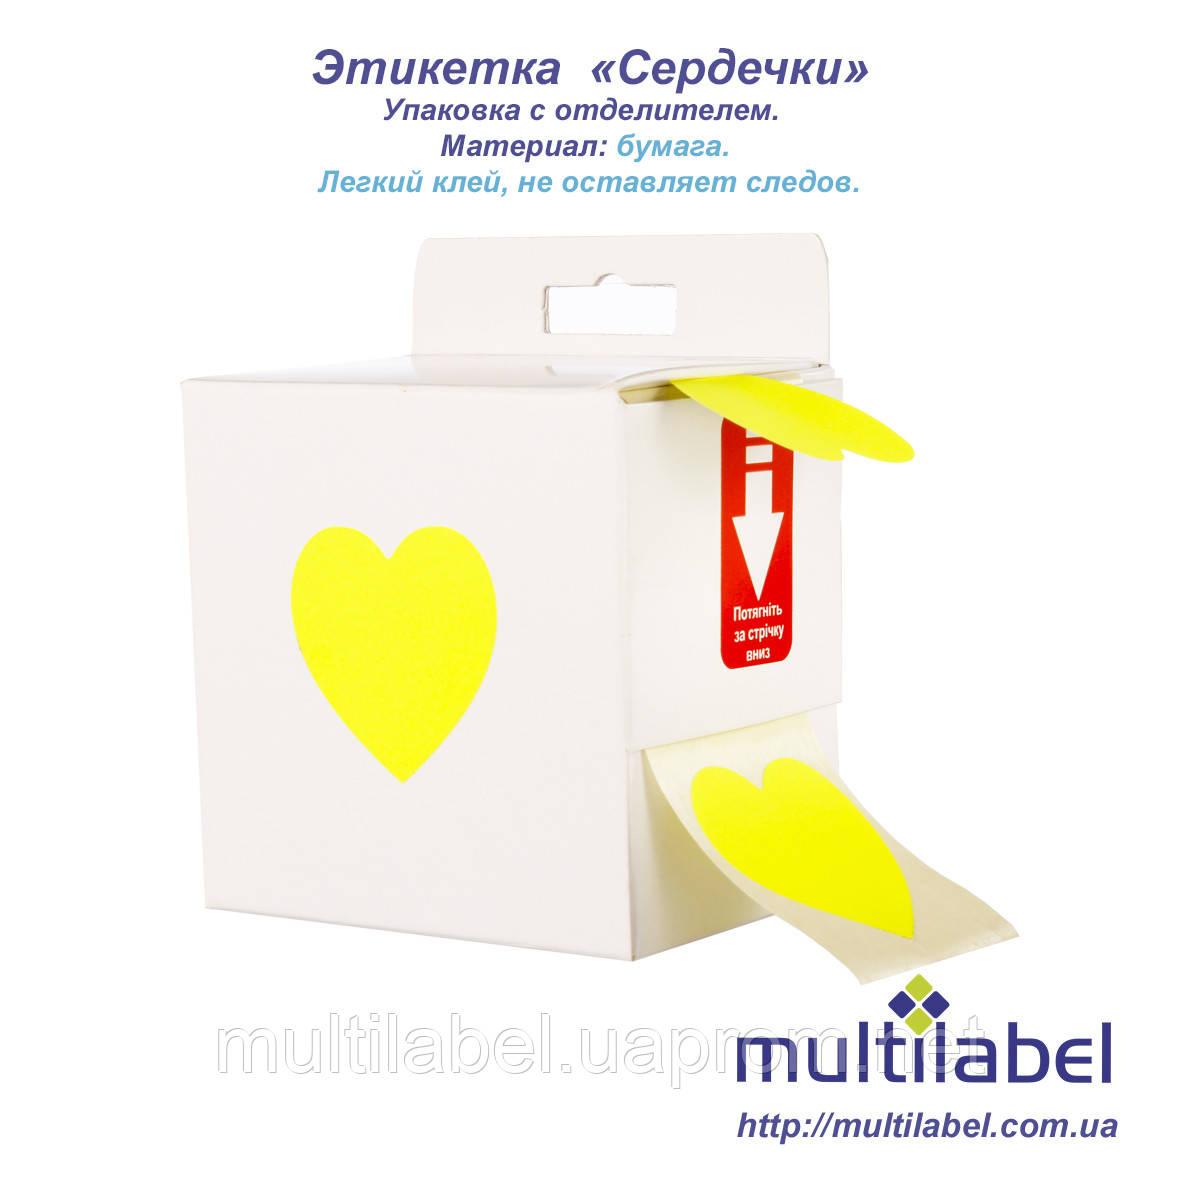 Самоклеющаяся наклейка для декора желтая. - Мультилейбл в Киеве